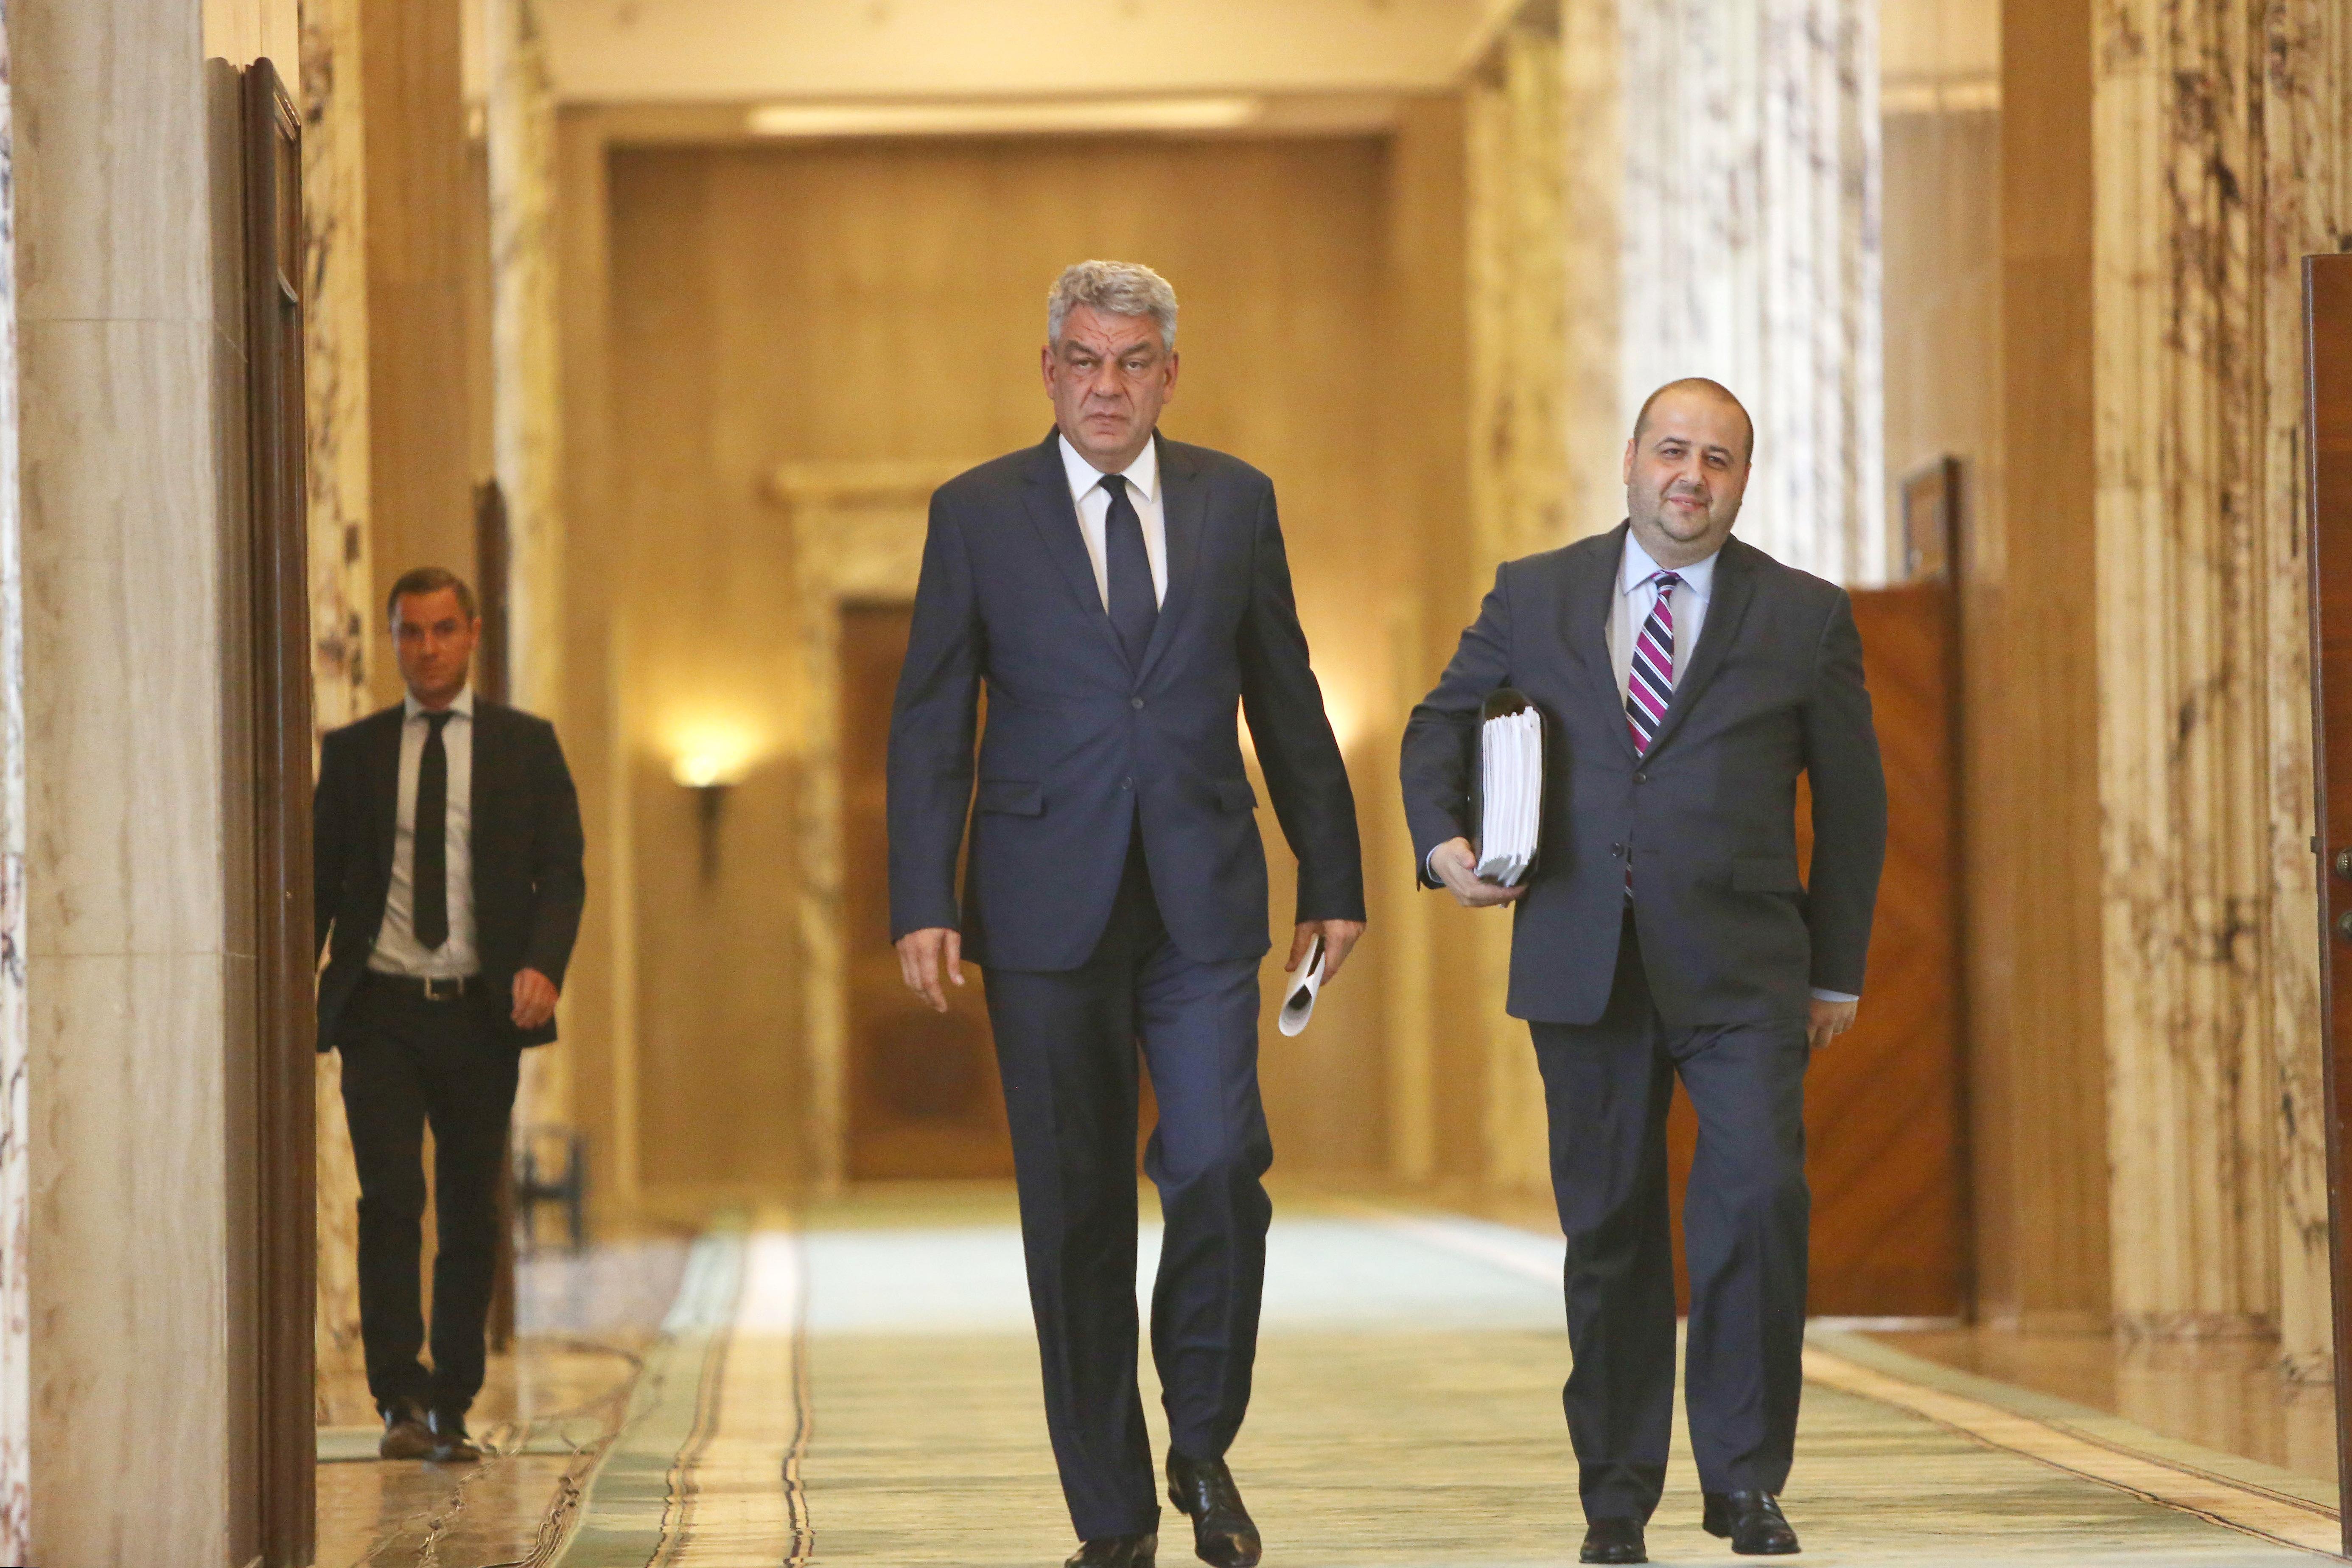 Discuţia dintre conducerea ANAF şi premierul Mihai Tudose s-a încheiat. Guvernul vrea un BIG Brother pentru domeniul financiar, o megastructură de unificare a bazelor de date. Ce spune şeful ANAF